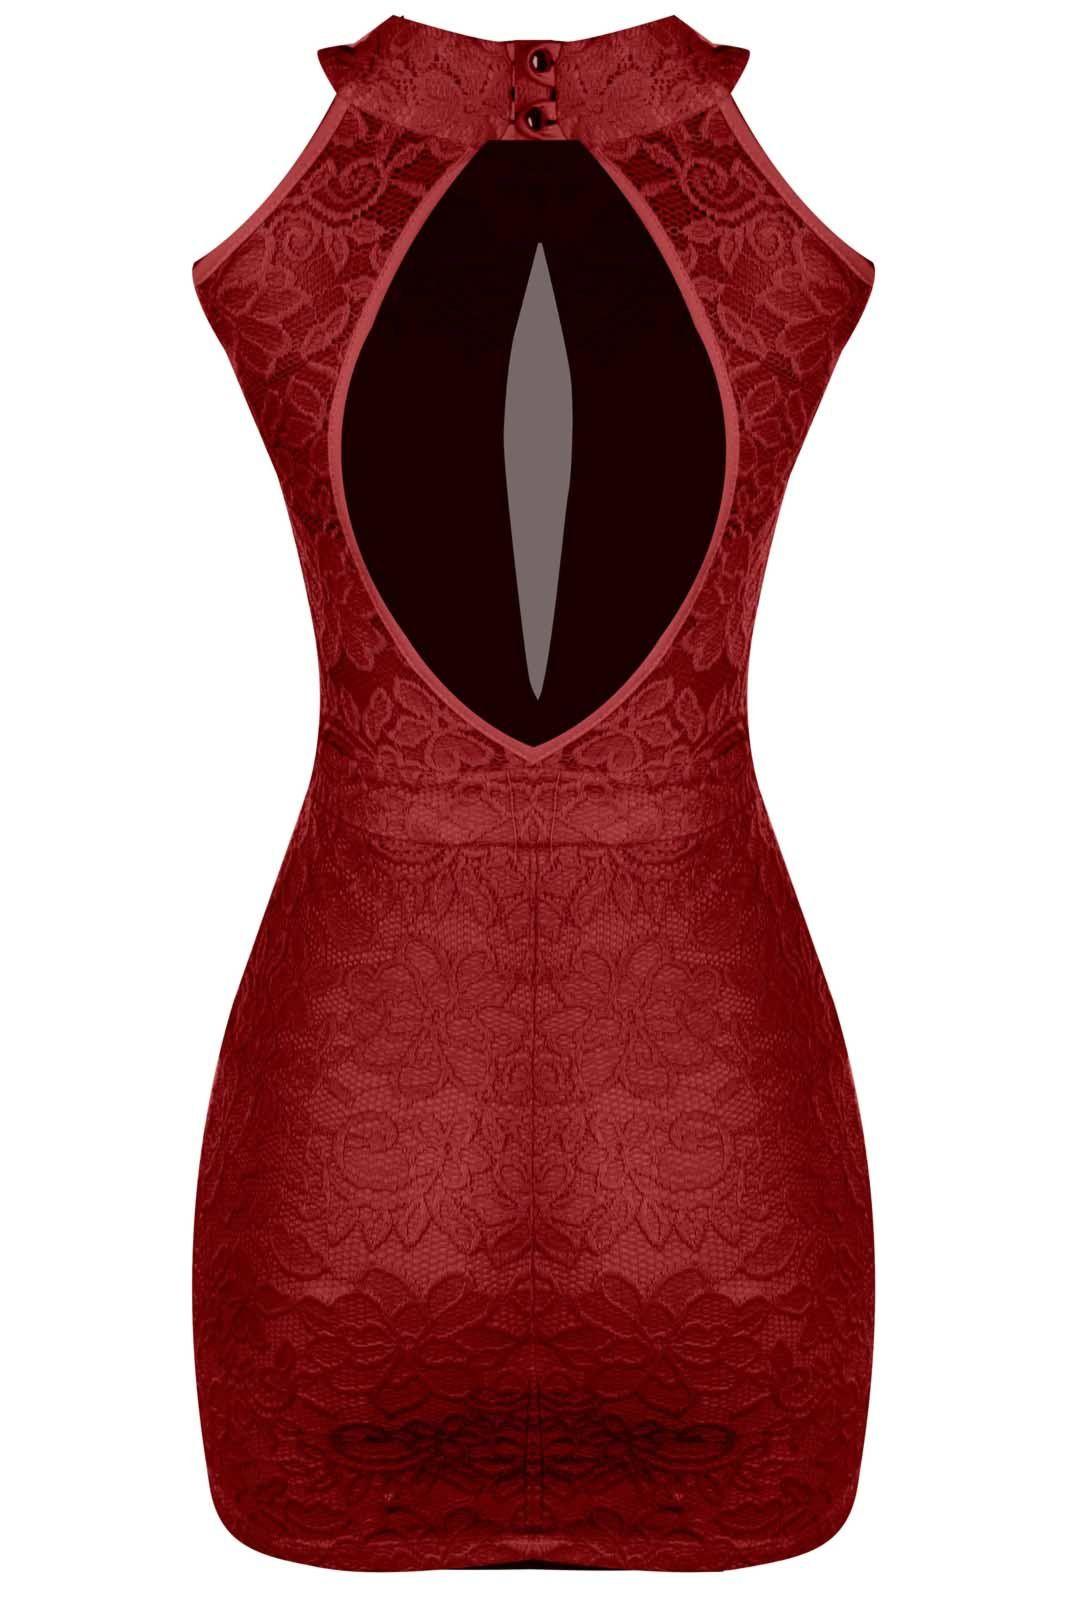 Vestido Outlet Dri Casual Curto Renda Forrada Tubinho Gola Alta Detalhe Decote Tule Vermelho